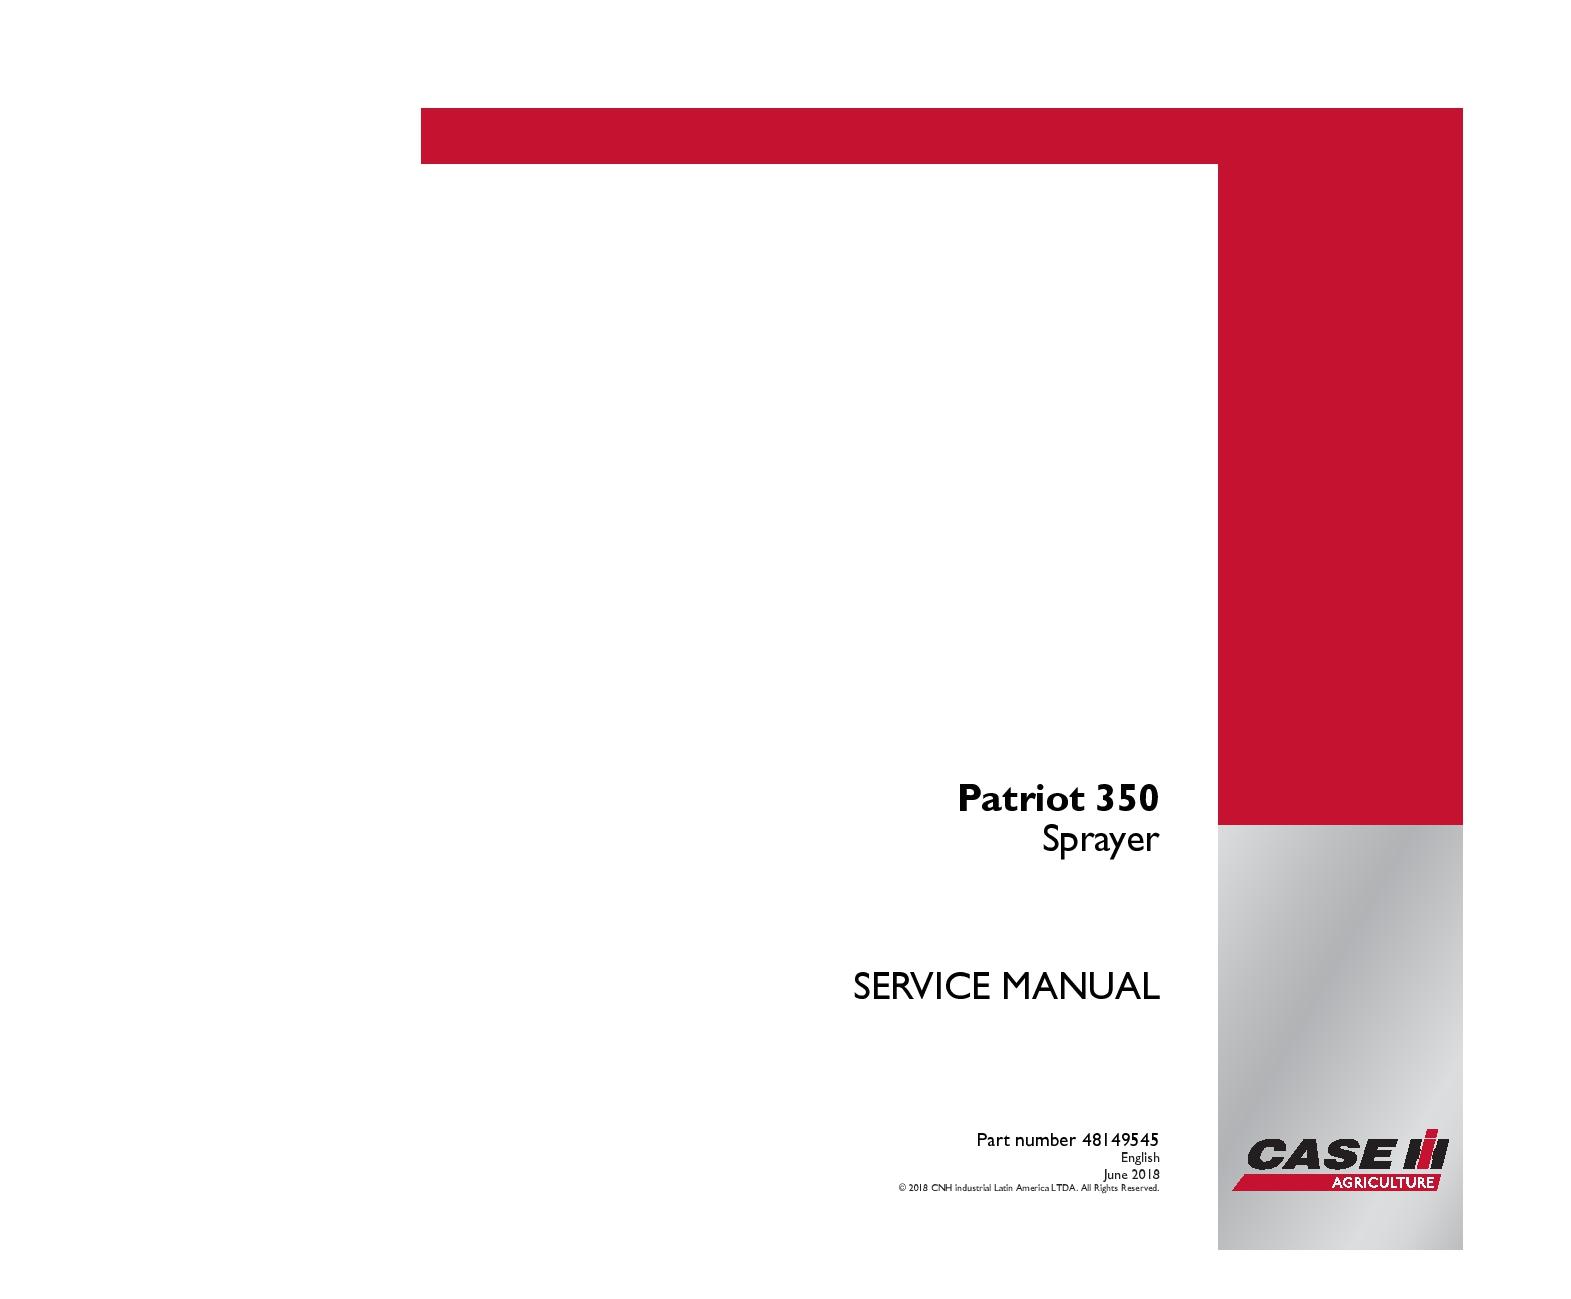 case ih service manual pdf